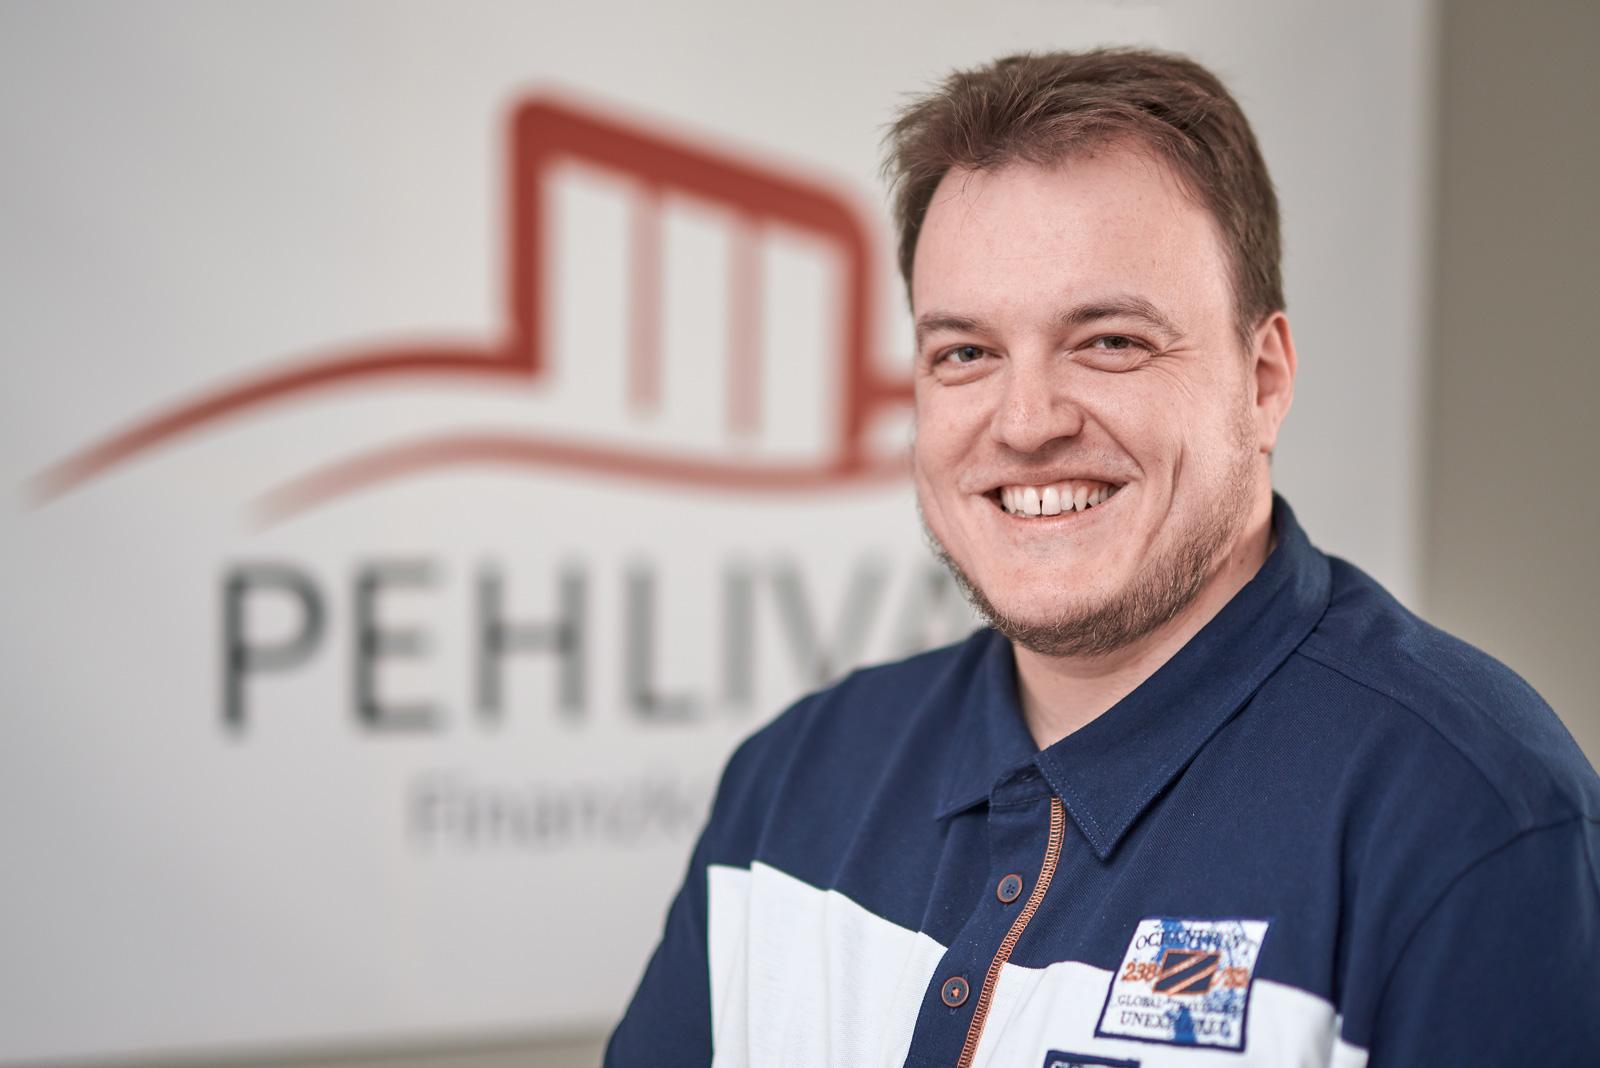 Meikel Schmitt